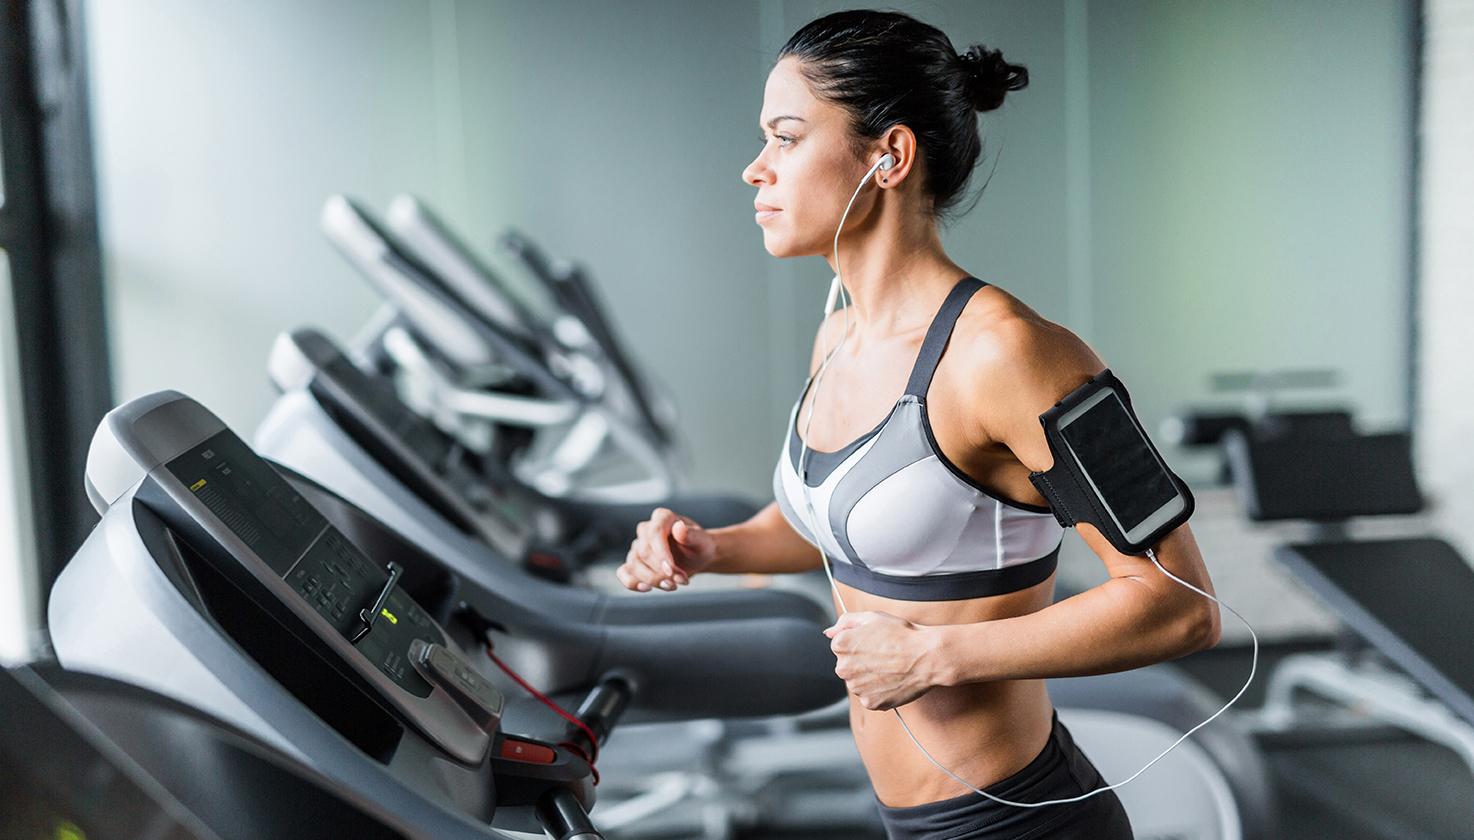 Когда Делать Кардио Тренировки Для Похудения. Кардионагрузки для сжигания жира: важные особенности для худеющих